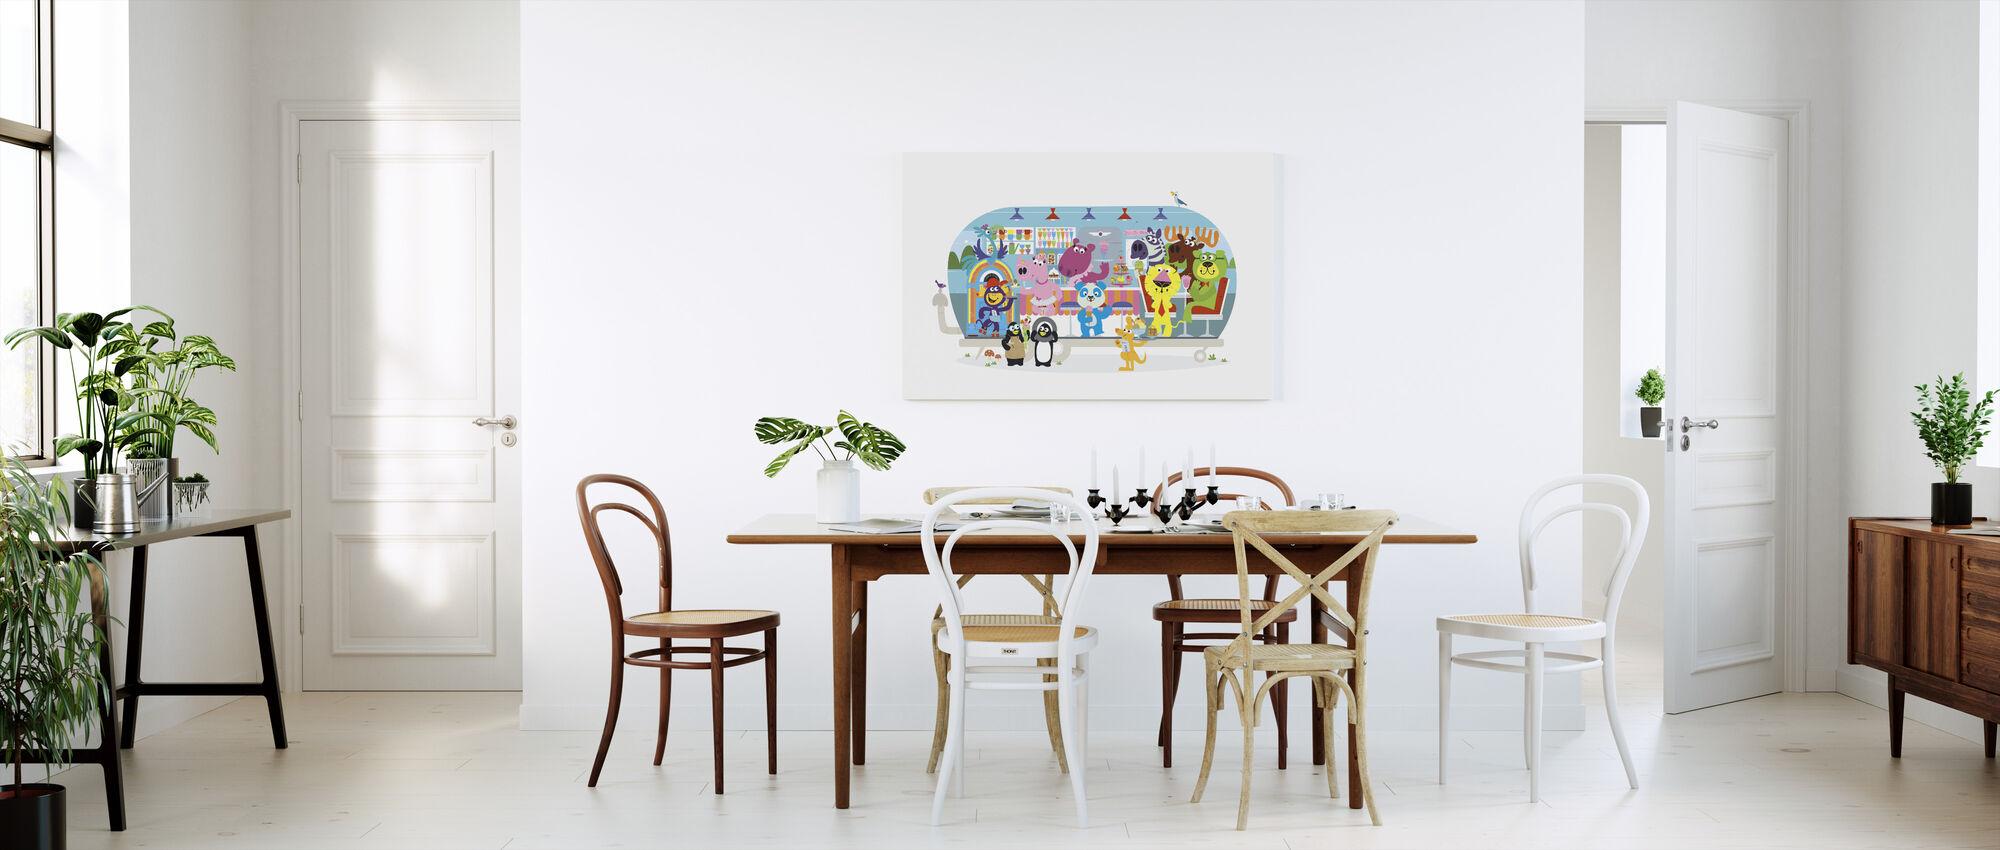 Moro-elskende Betsys Hippo Hop Diner - Lerretsbilde - Kjøkken